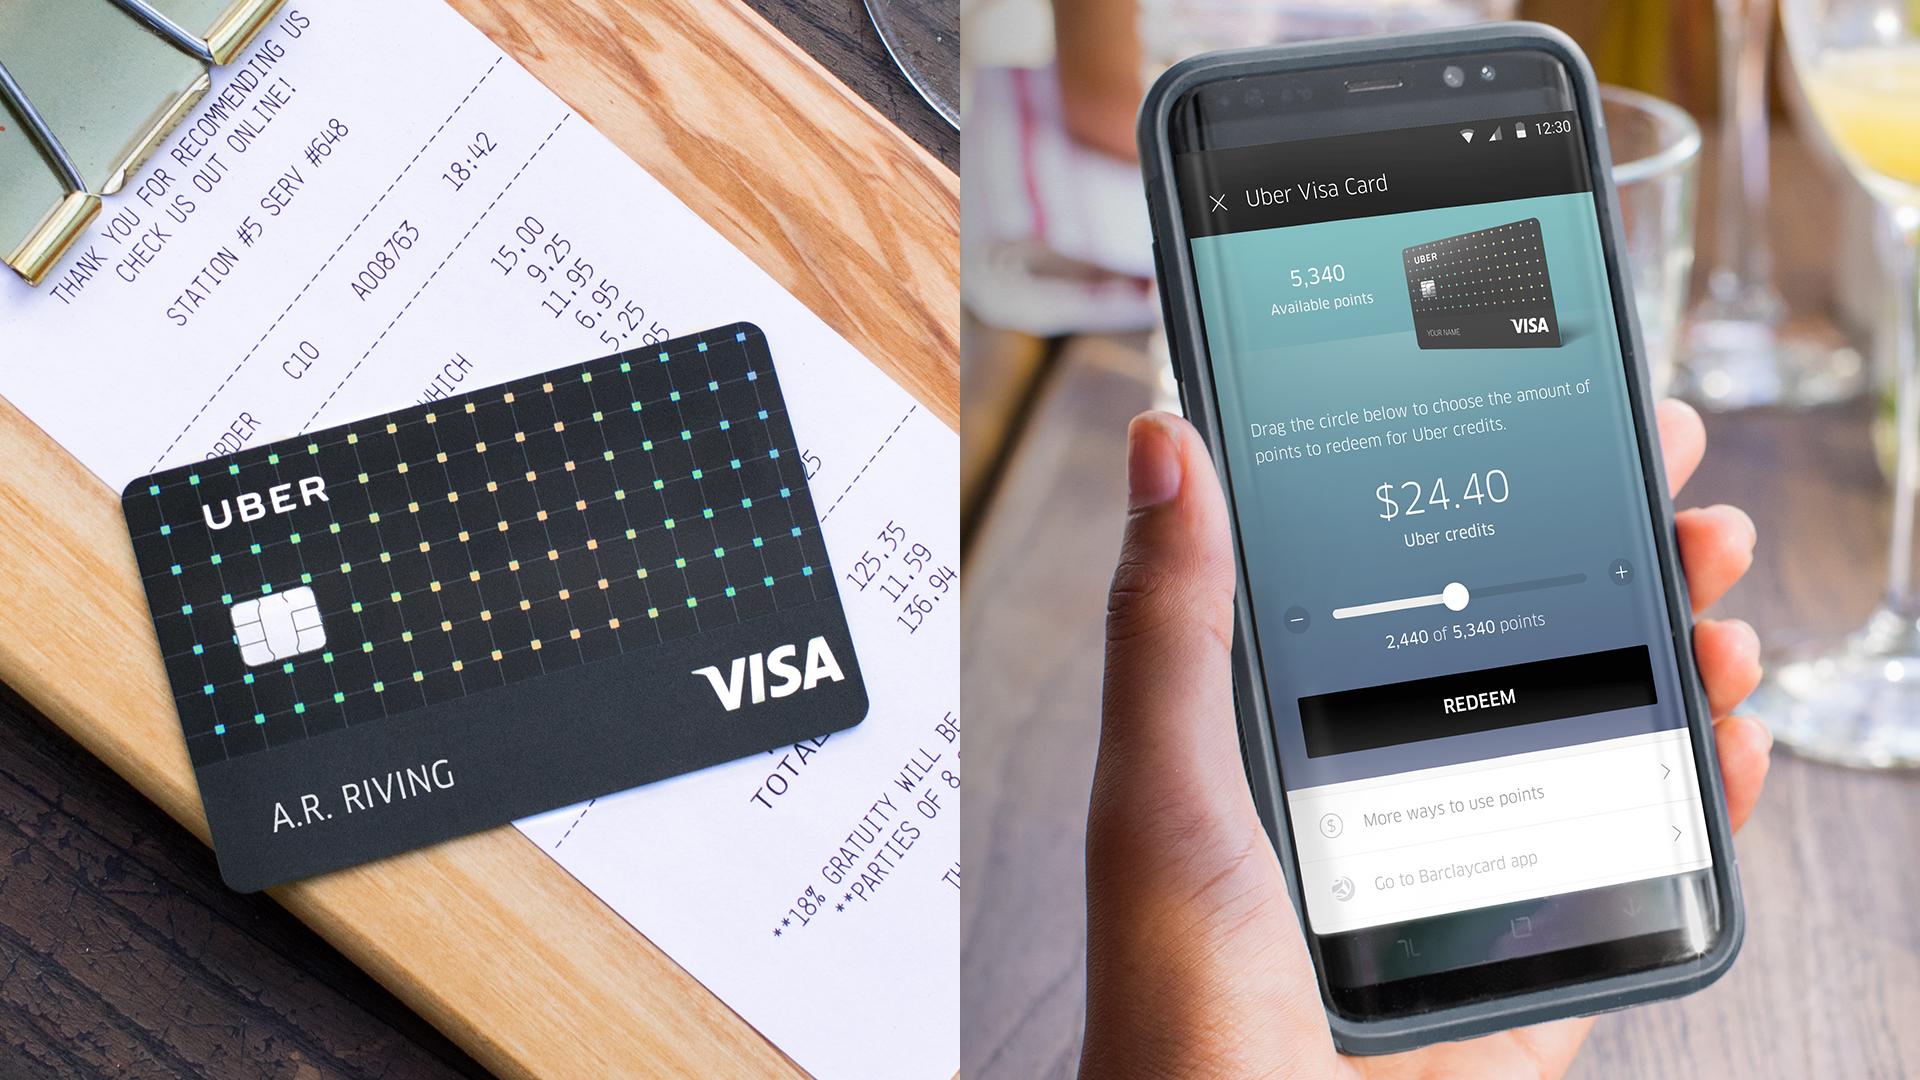 Uber ogolosyv pro zapusk vlasnyh kredytnyh kart